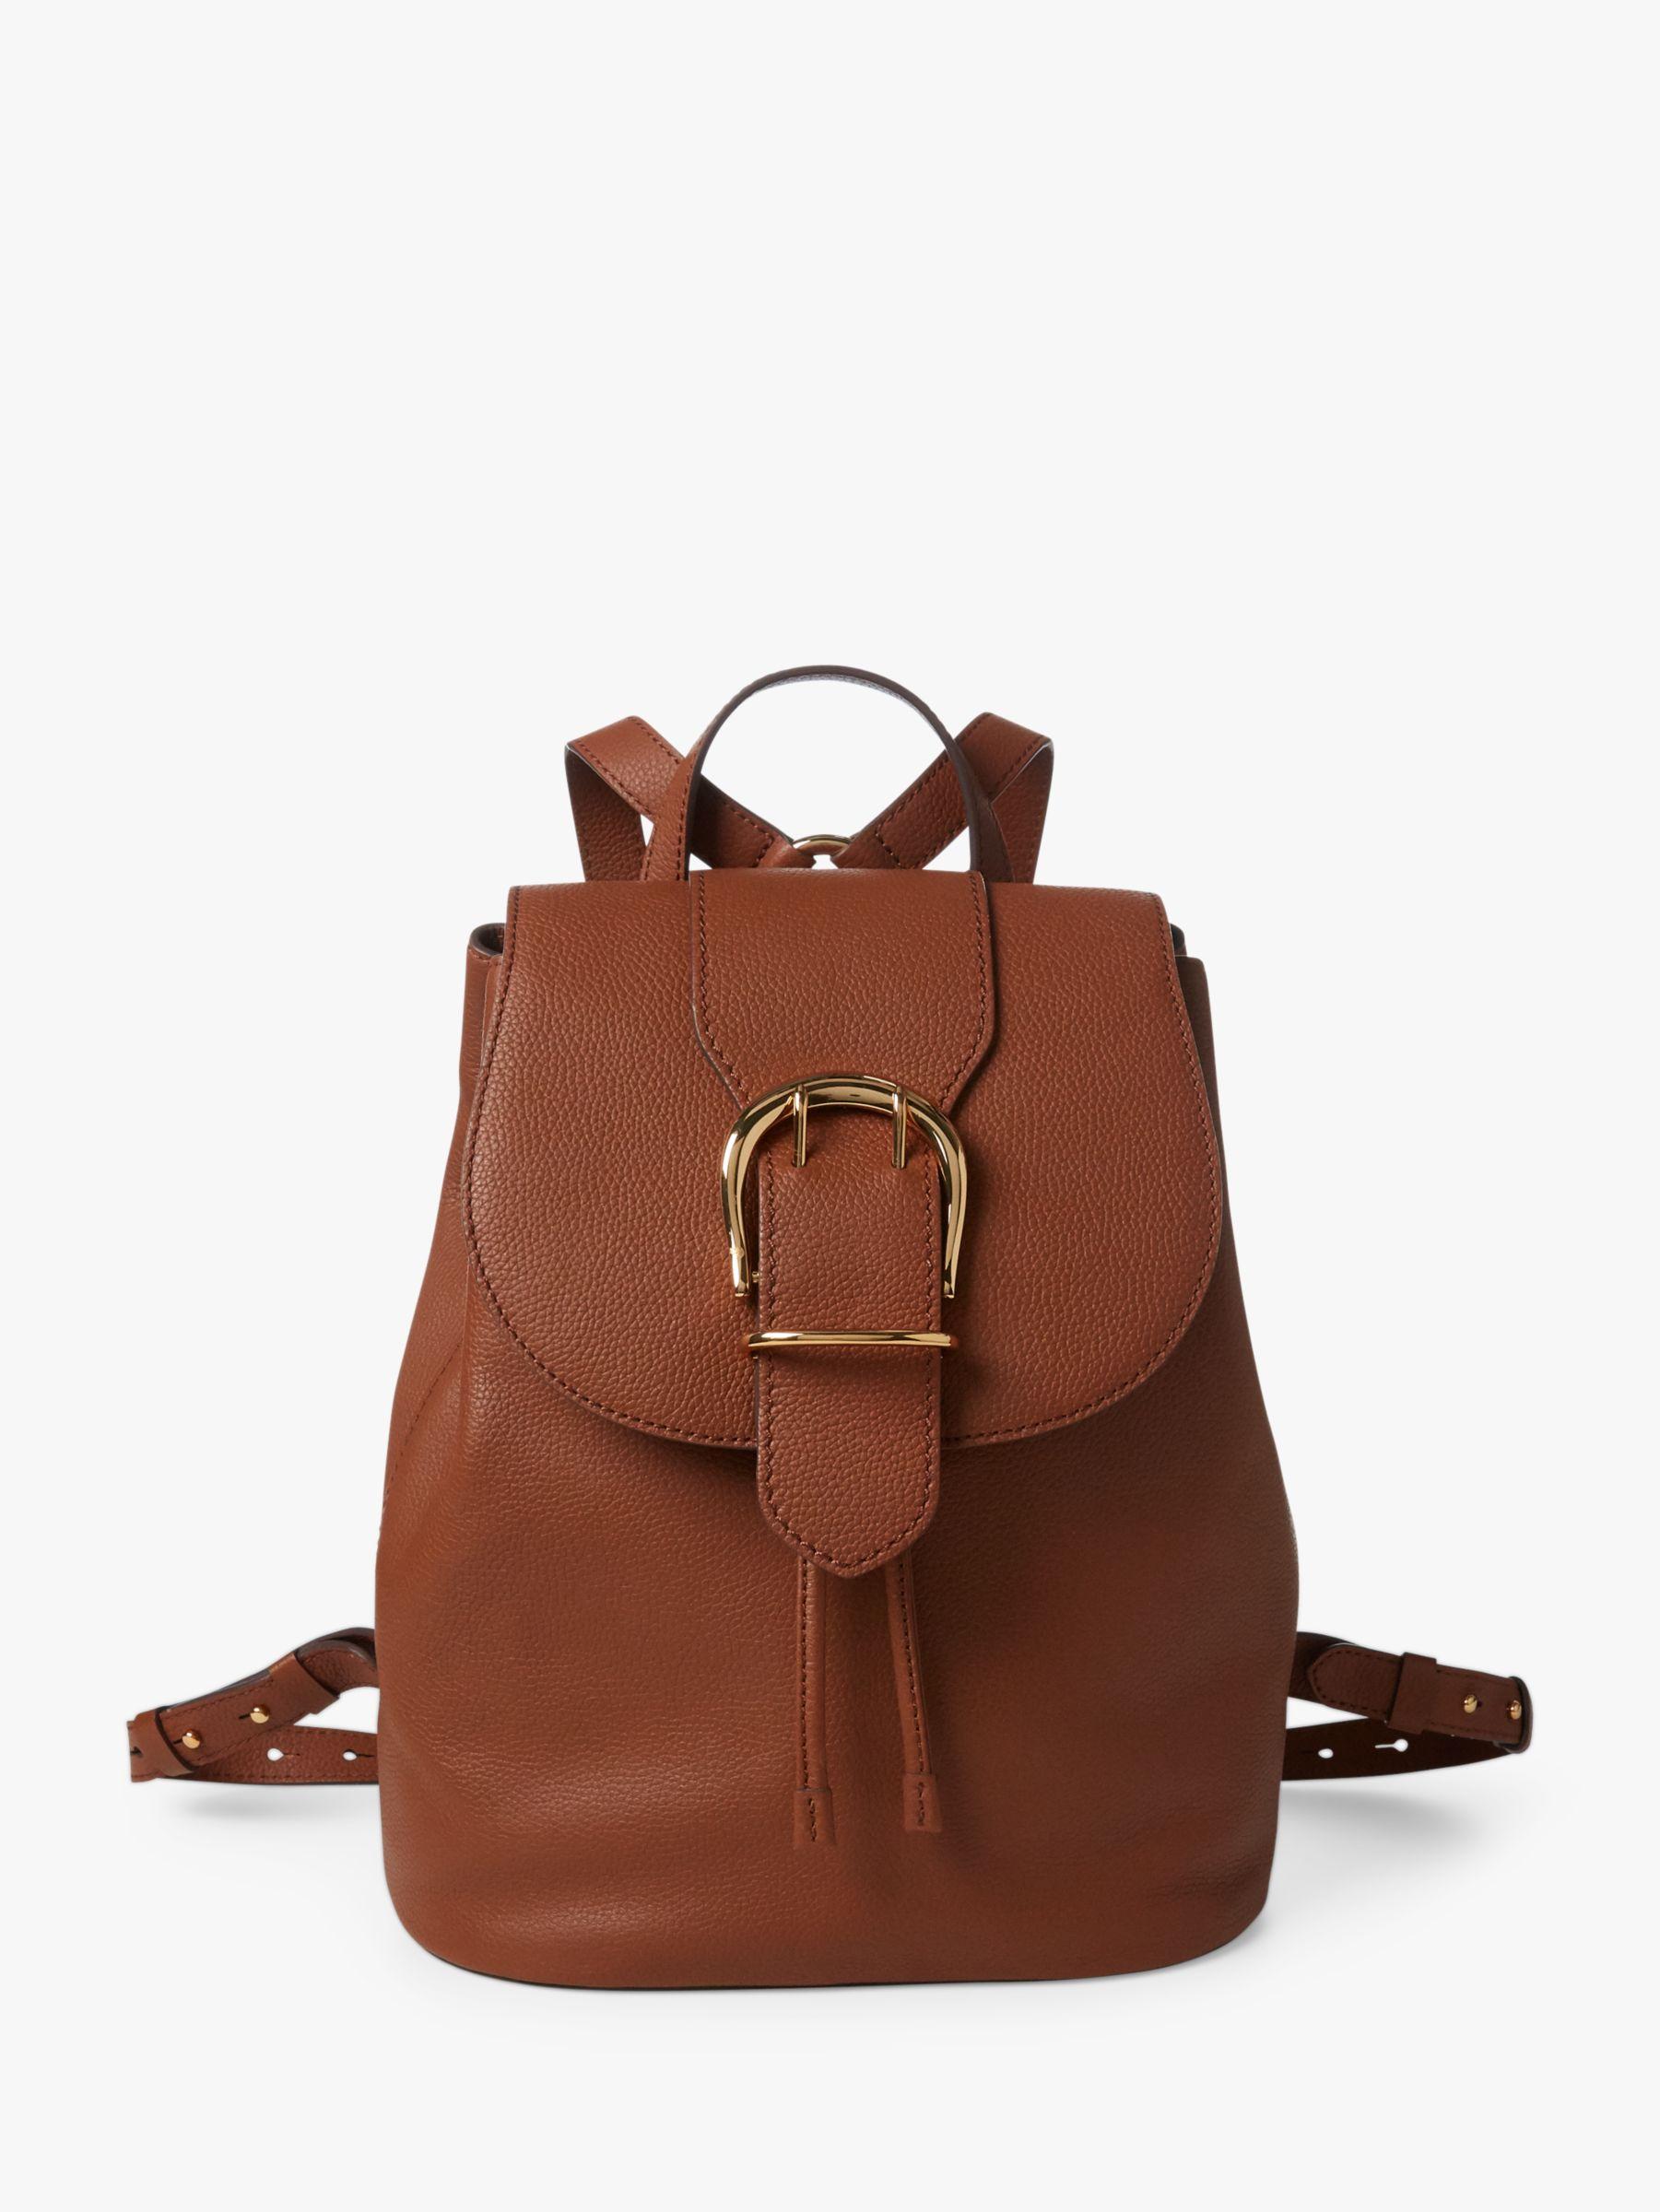 a876a6de807d4 Lauren Ralph Lauren Cornwall Leather Backpack